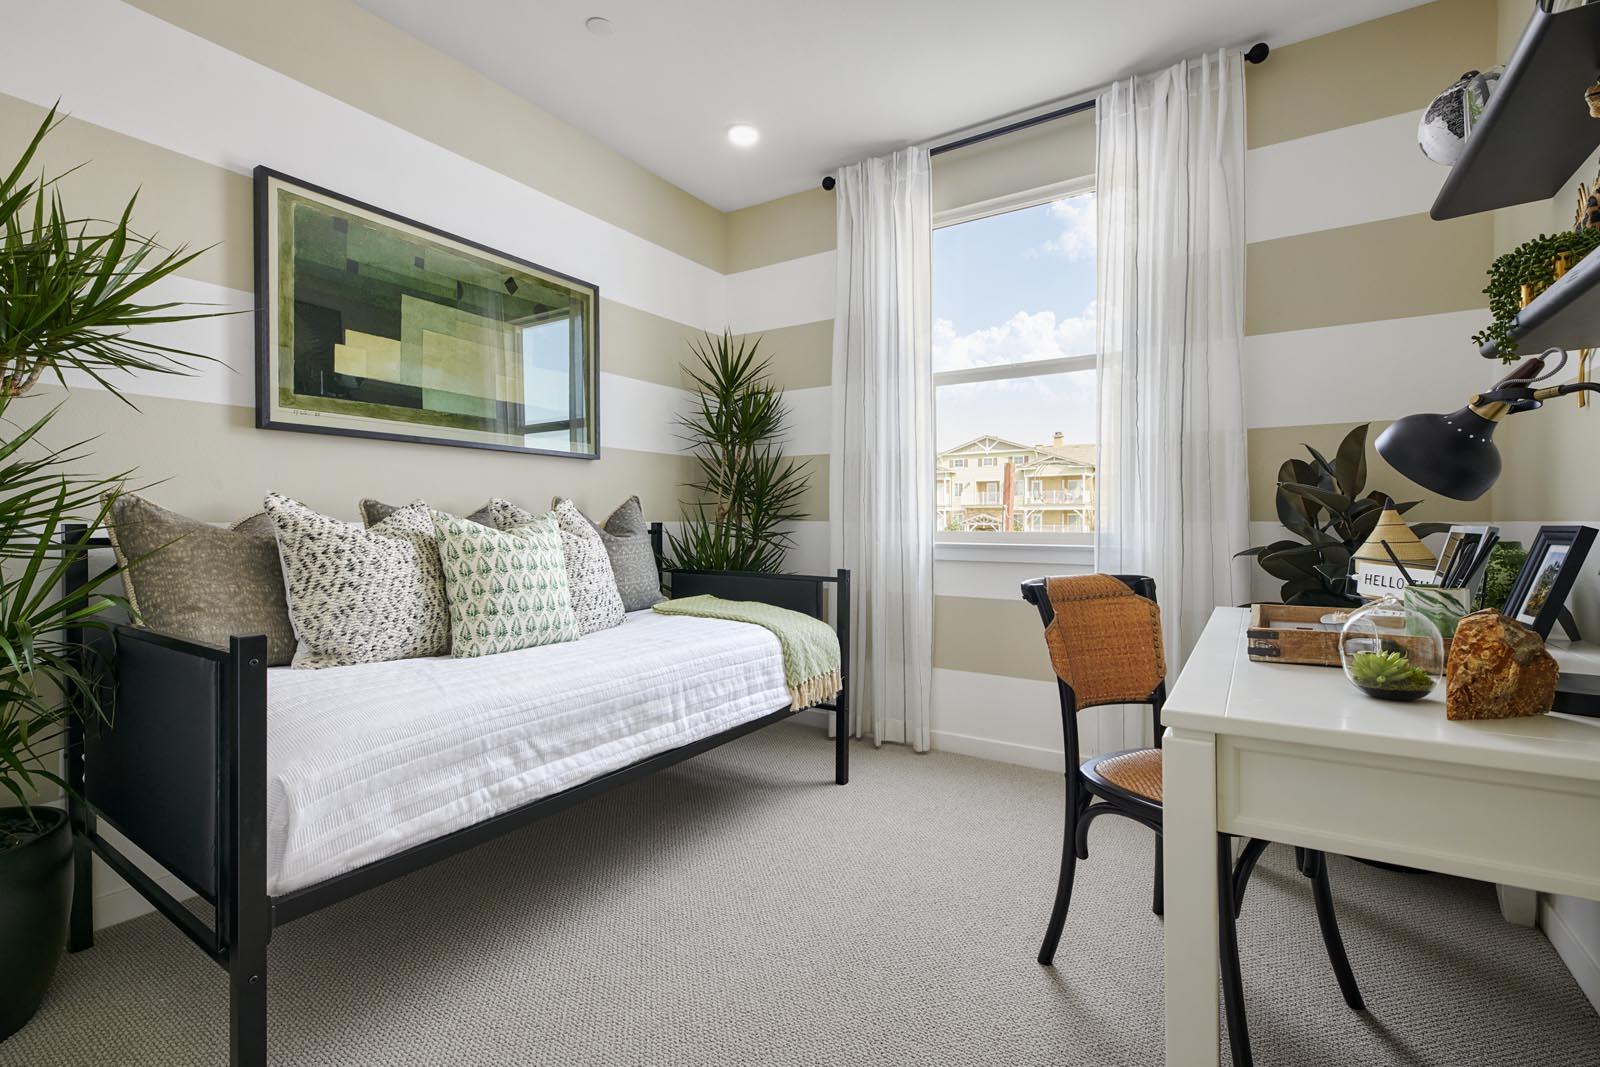 Bedroom   Residence 3   Aspire   New Homes in Rancho Cucamonga, CA   Van Daele Homes